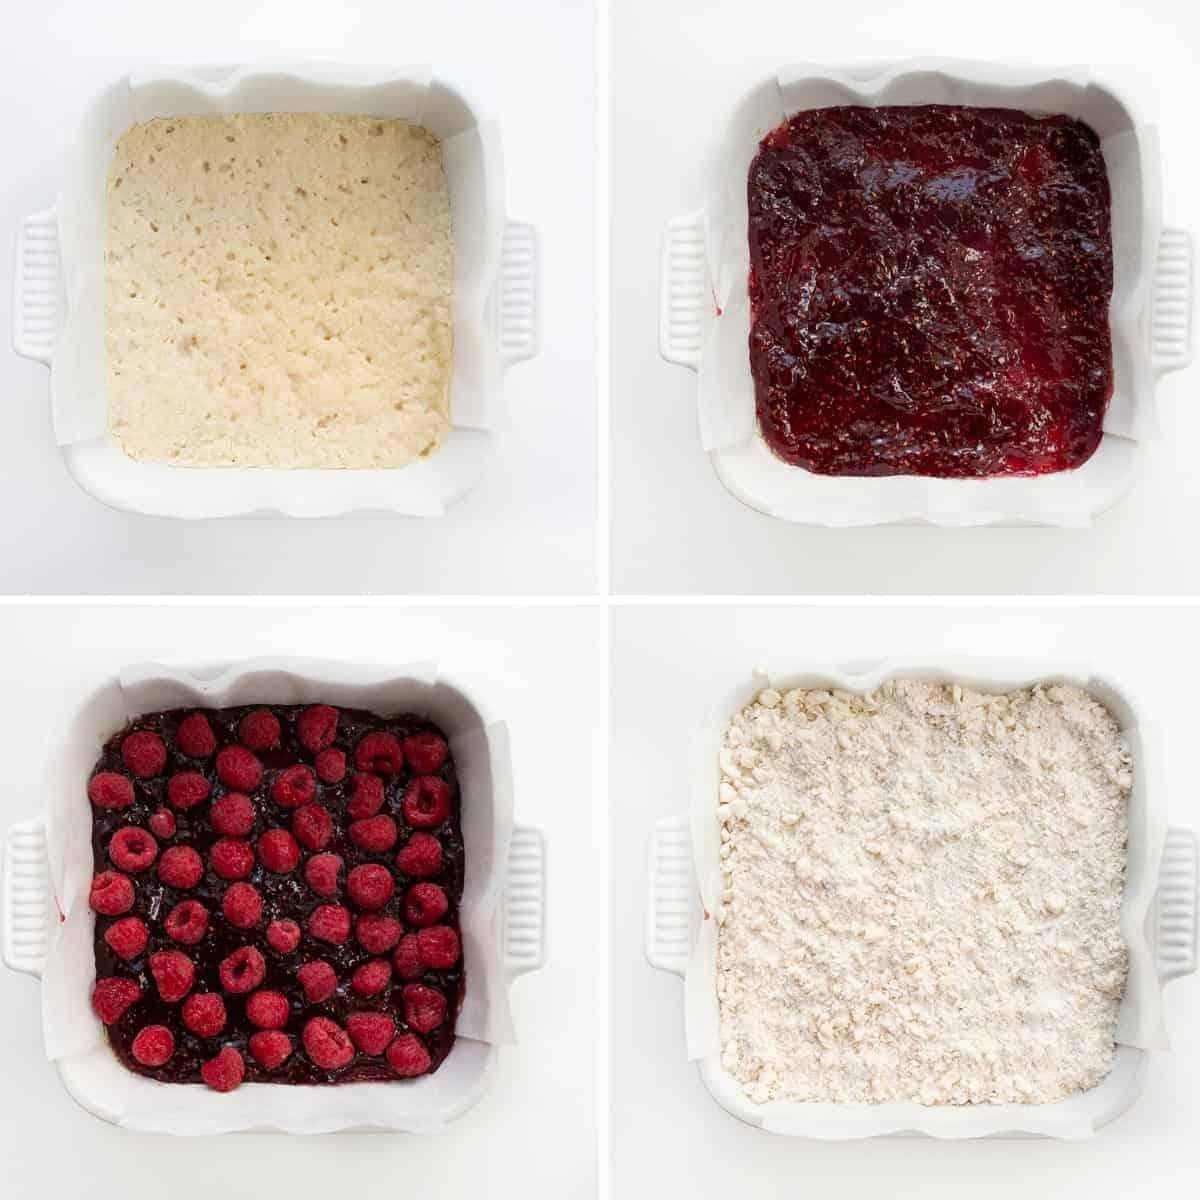 How to Make Oatmeal Raspberry Bars